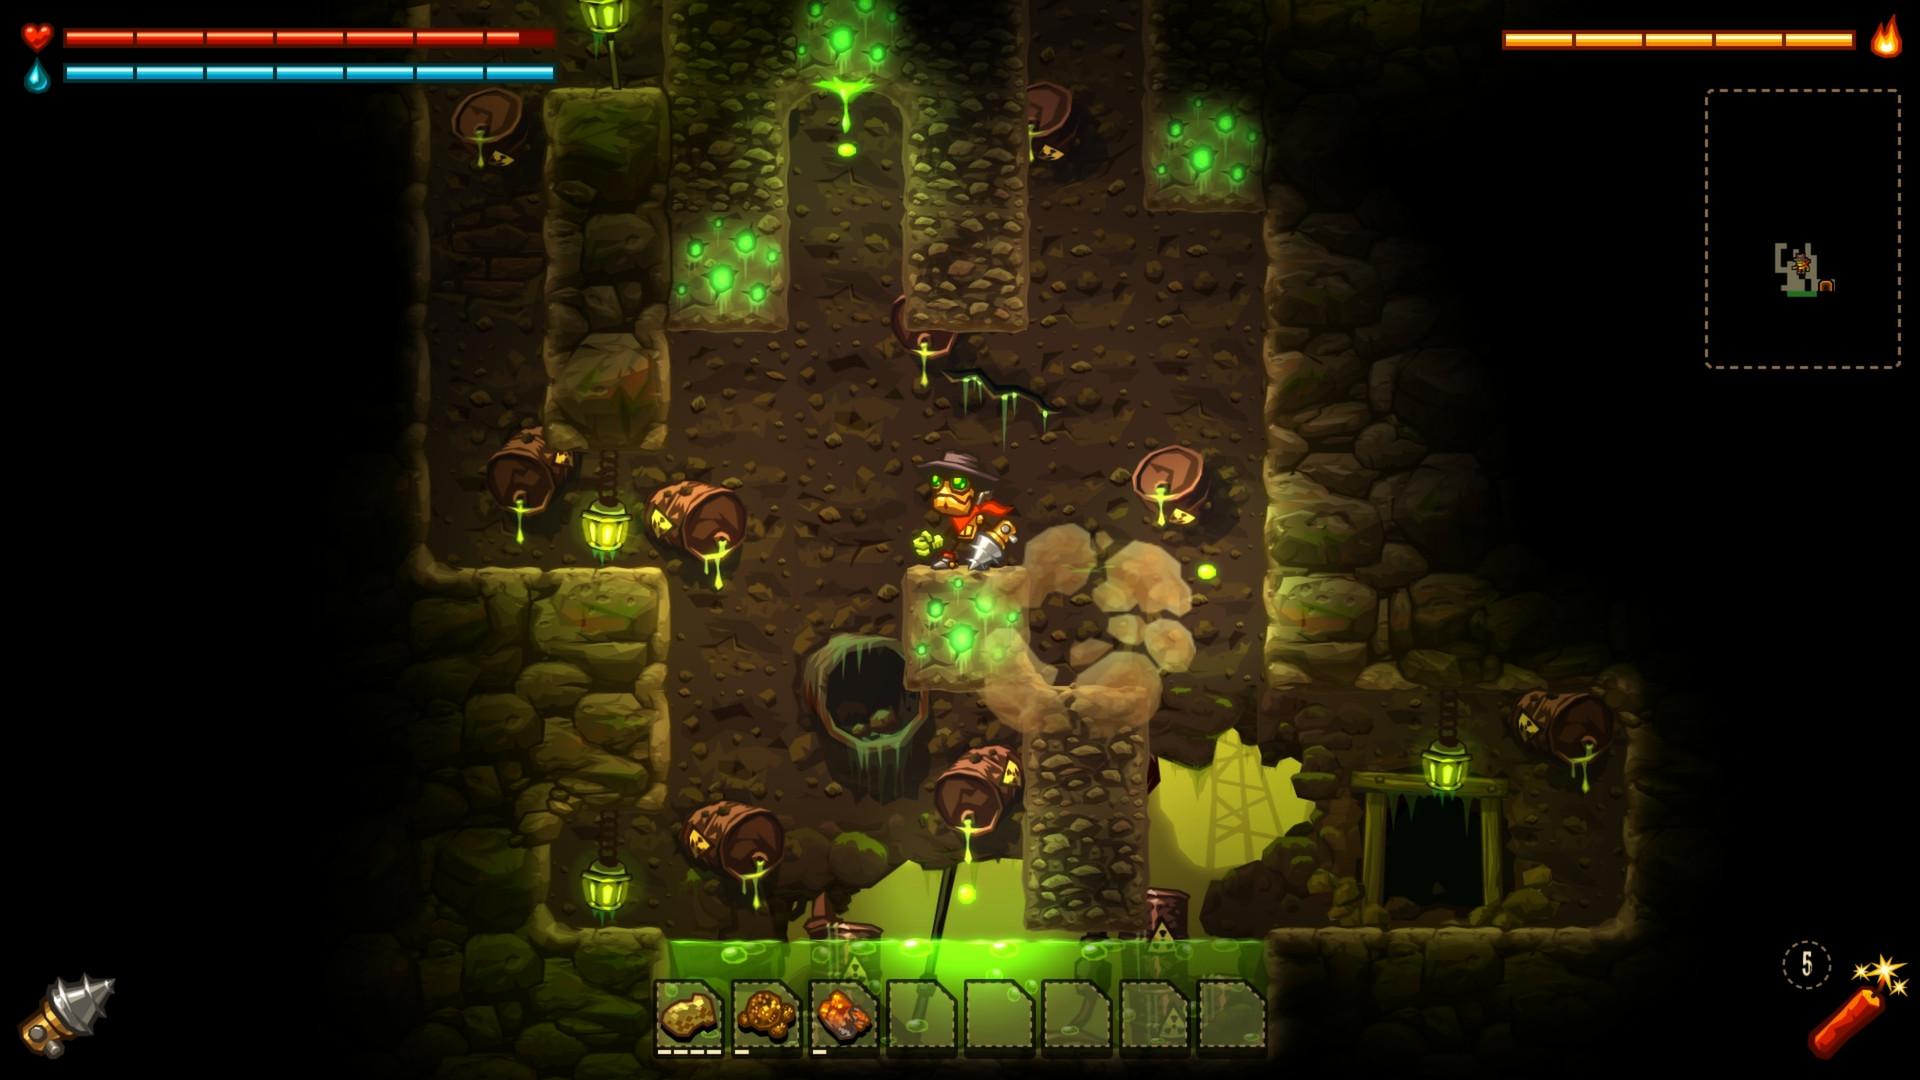 Nintendo Download: SteamWorld Dig screenshot